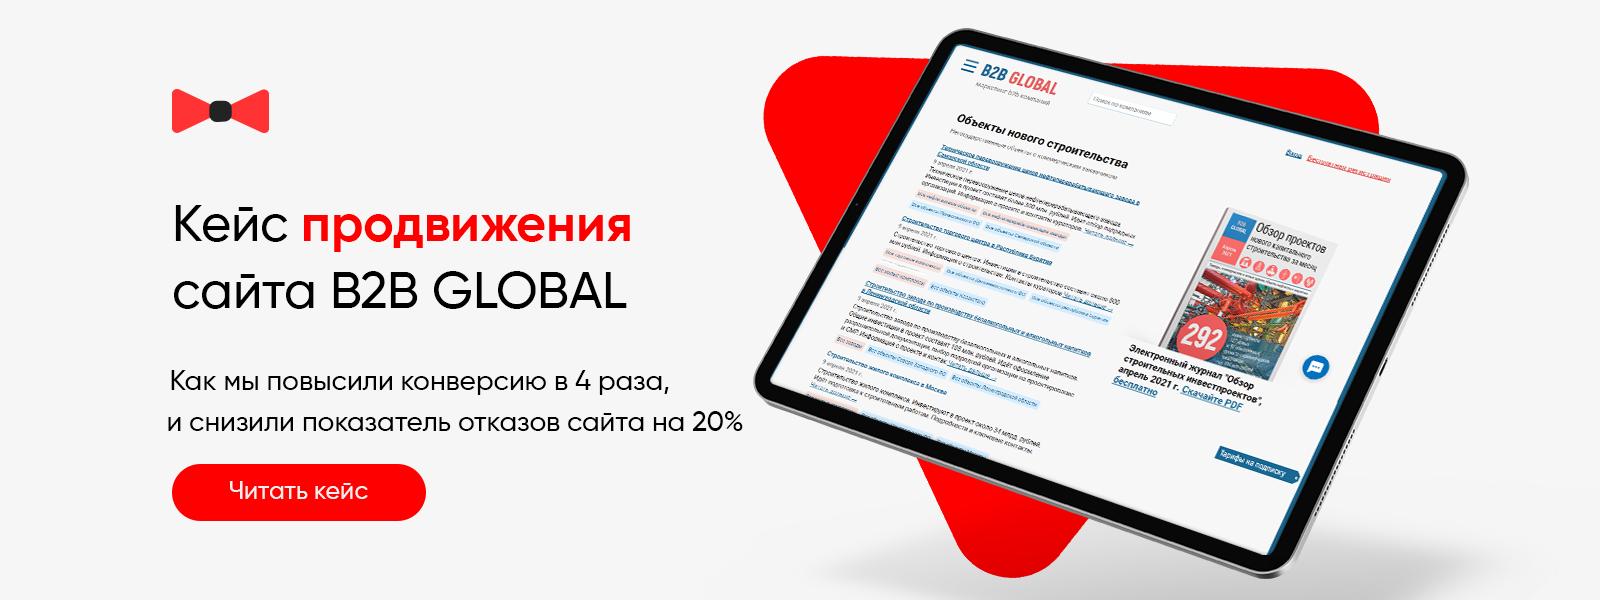 Кейс - продвижение сайта B2B GLOBAL bbgl.ru